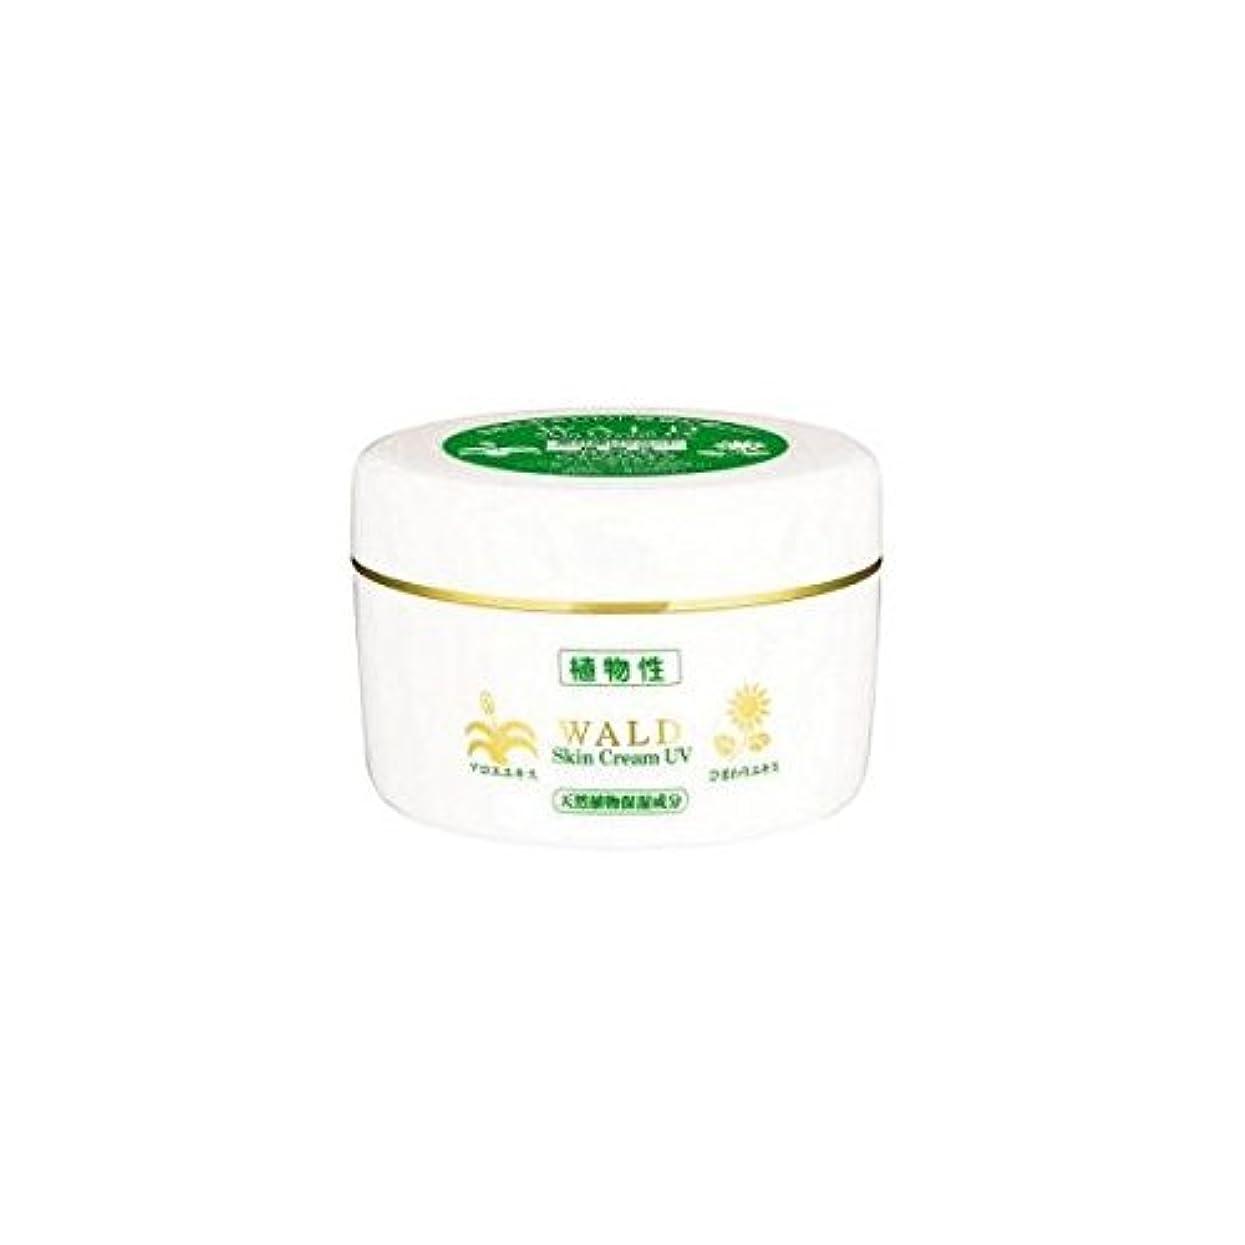 オプショナル電話不要新 ヴァルトスキンクリーム UV (WALD Skin Cream UV) 220g (1)